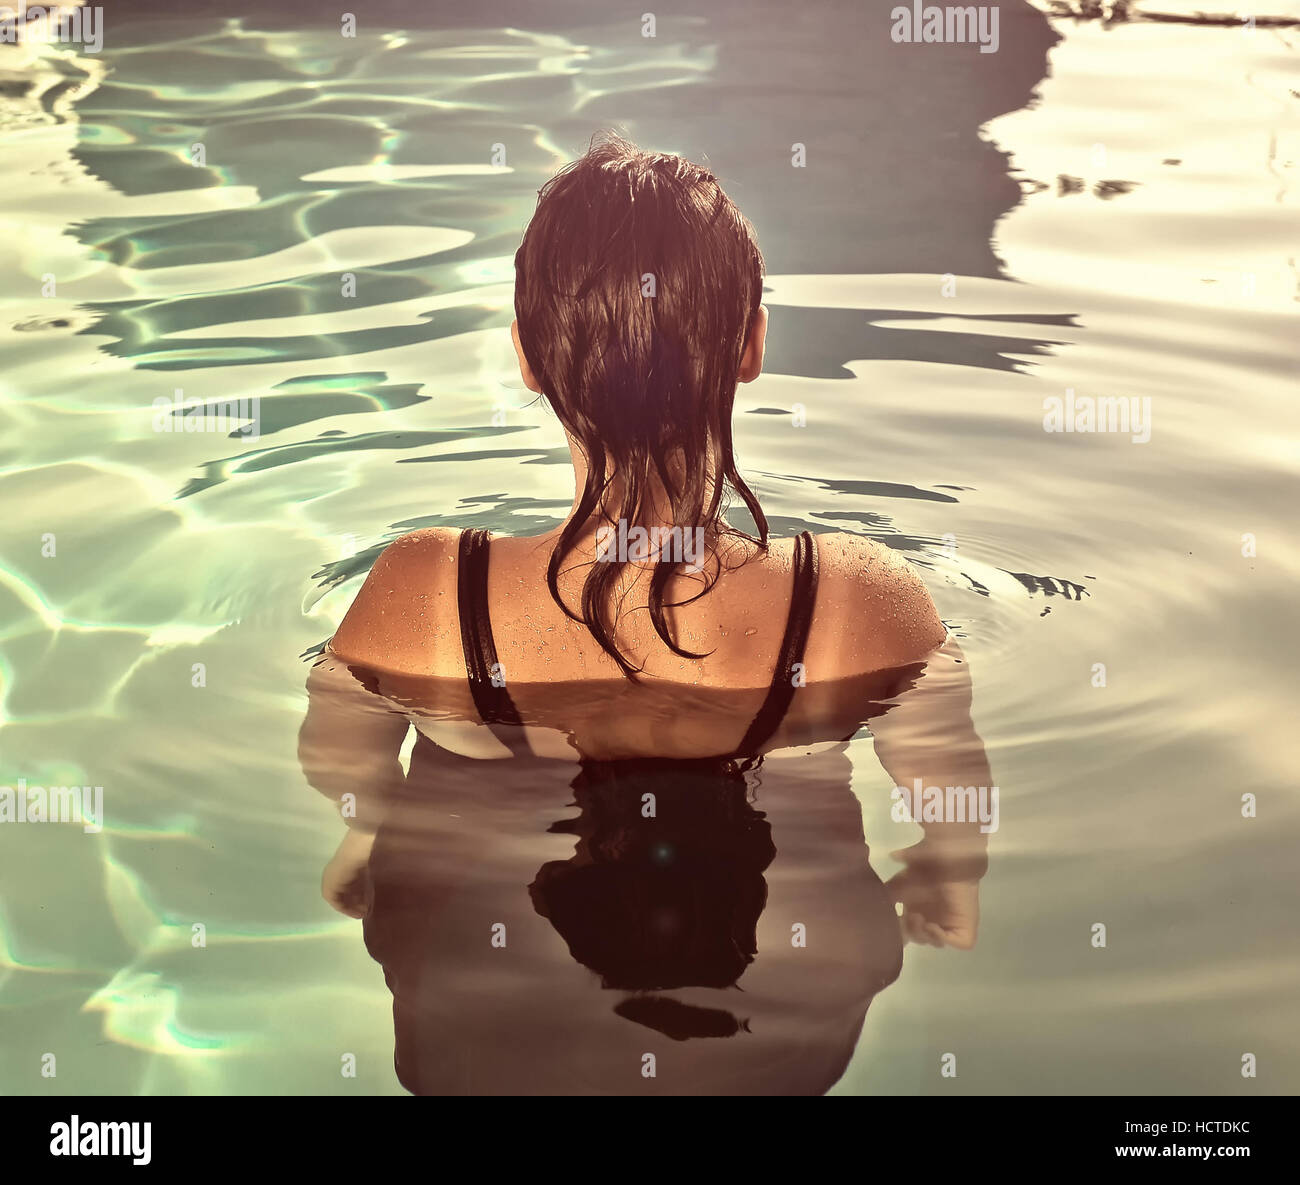 Chica nadar en piscina Imagen De Stock